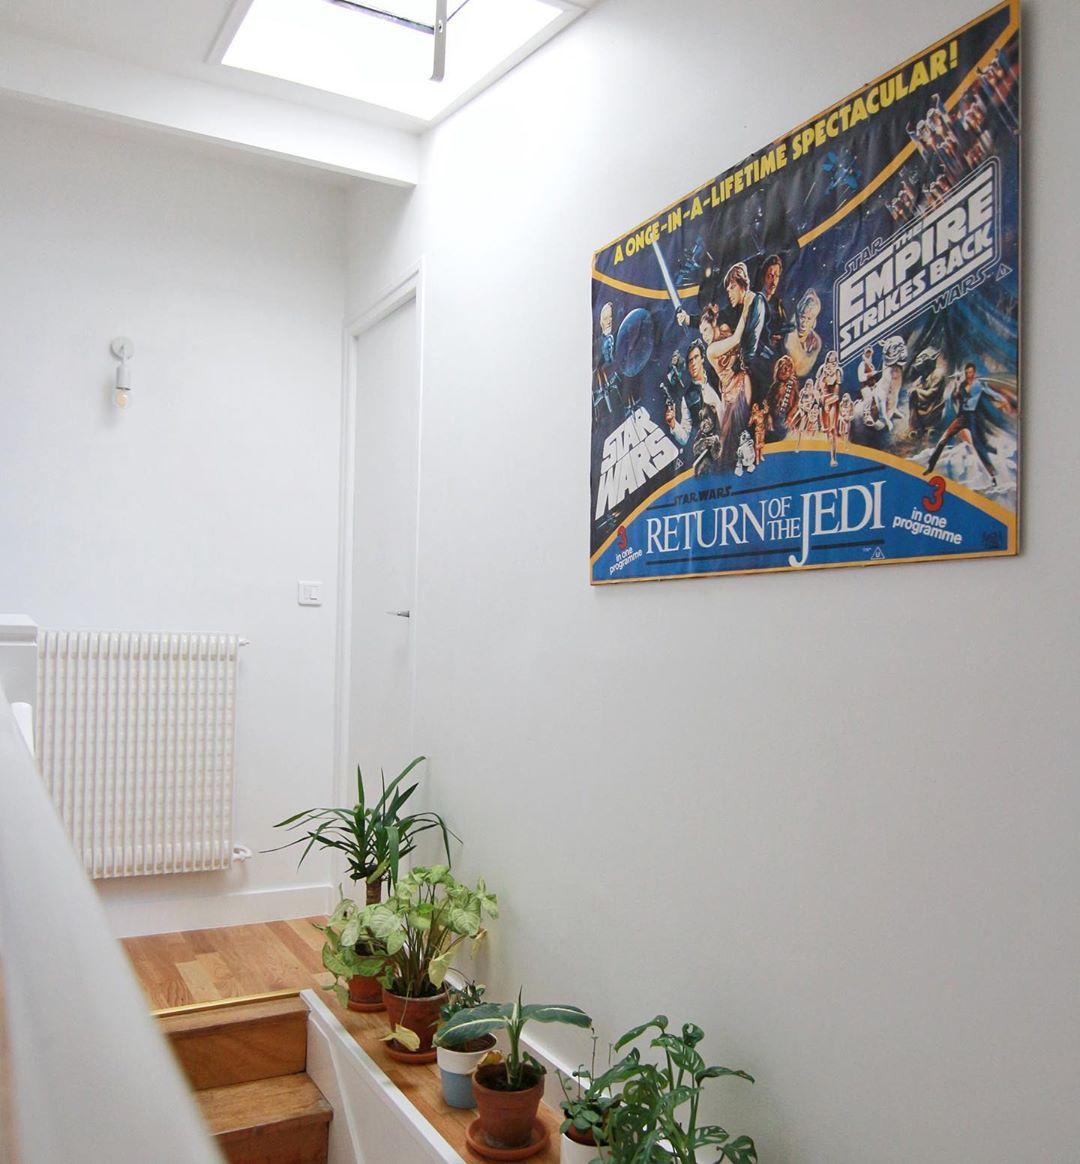 escalier déco minimaliste épurée blanc plantes vertes affiche murale